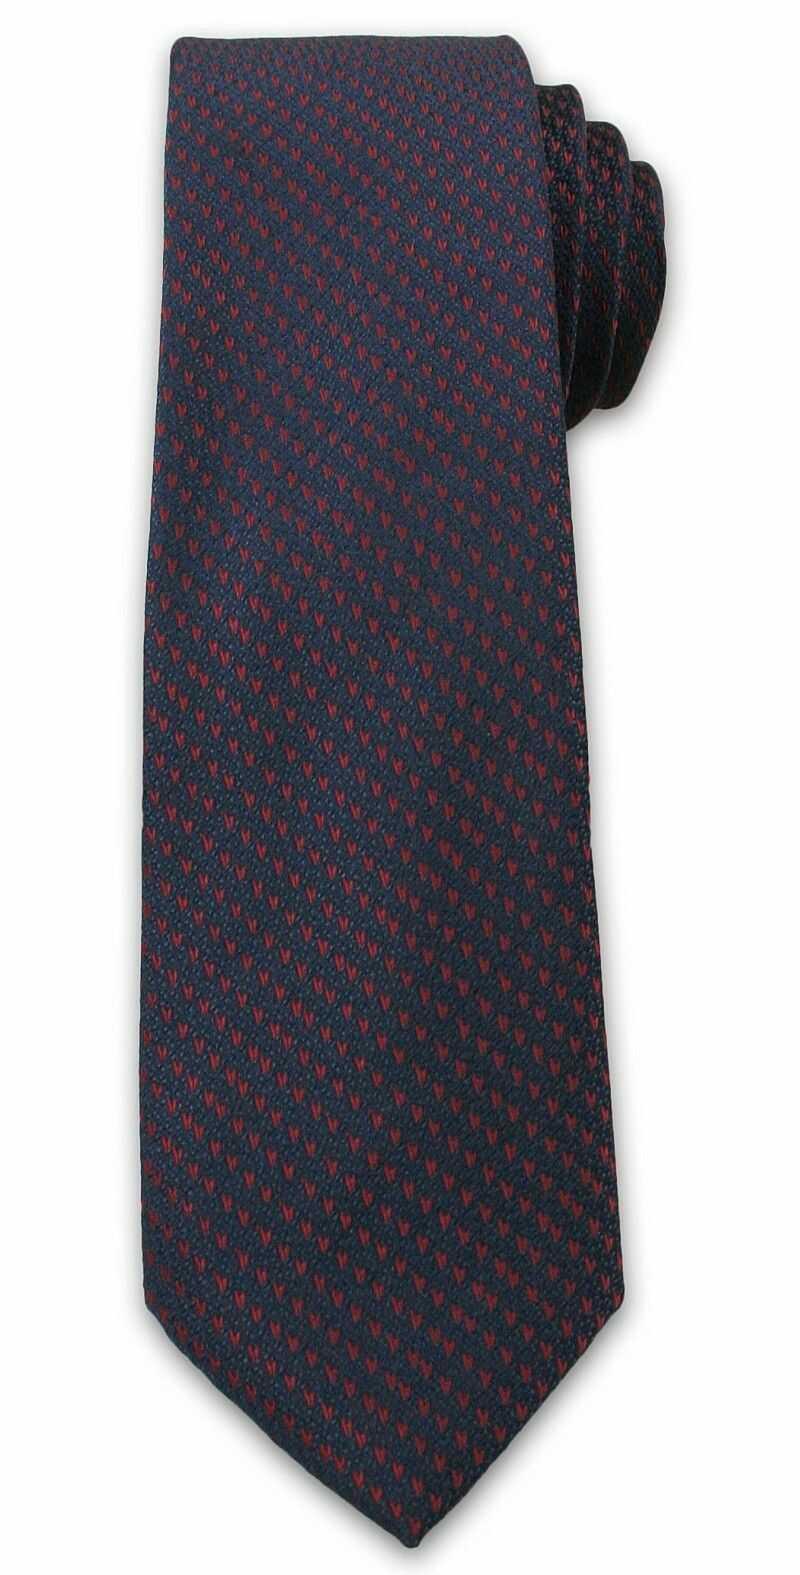 Stylowy Krawat Męski w Bordowy Rzucik - Chattier , Ciemny Granatowy KRCH0996